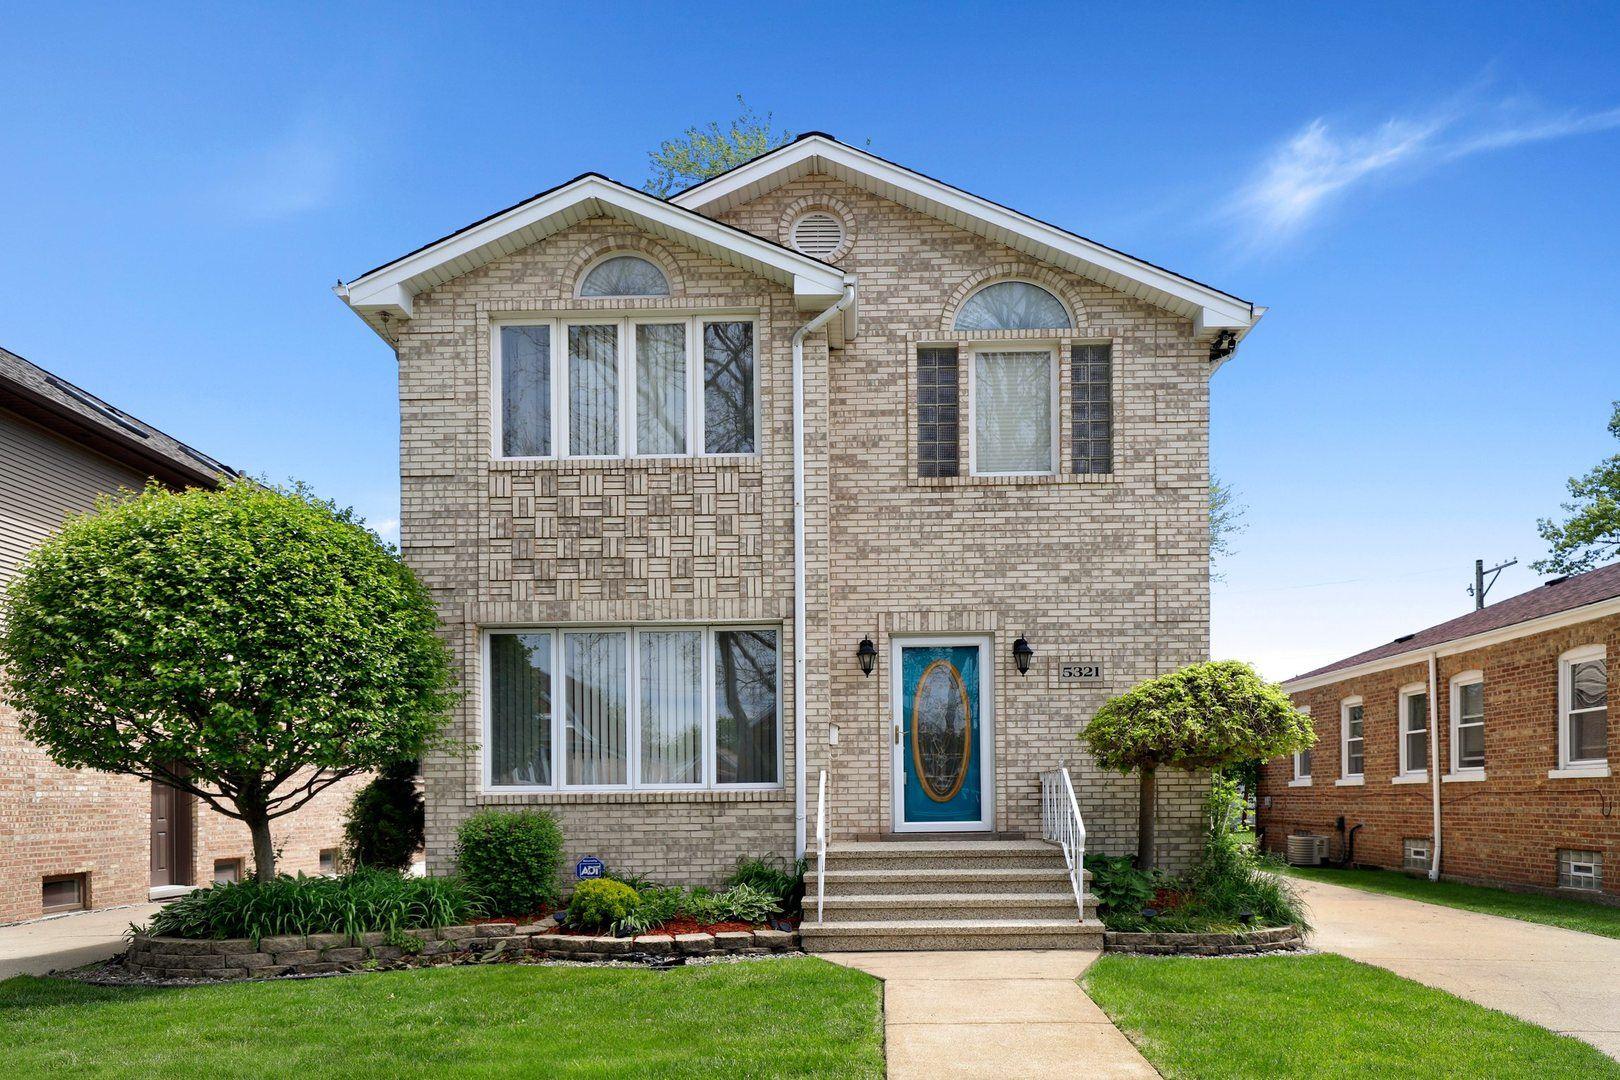 5321 S Normandy Avenue, Chicago, IL 60638 - #: 10721048